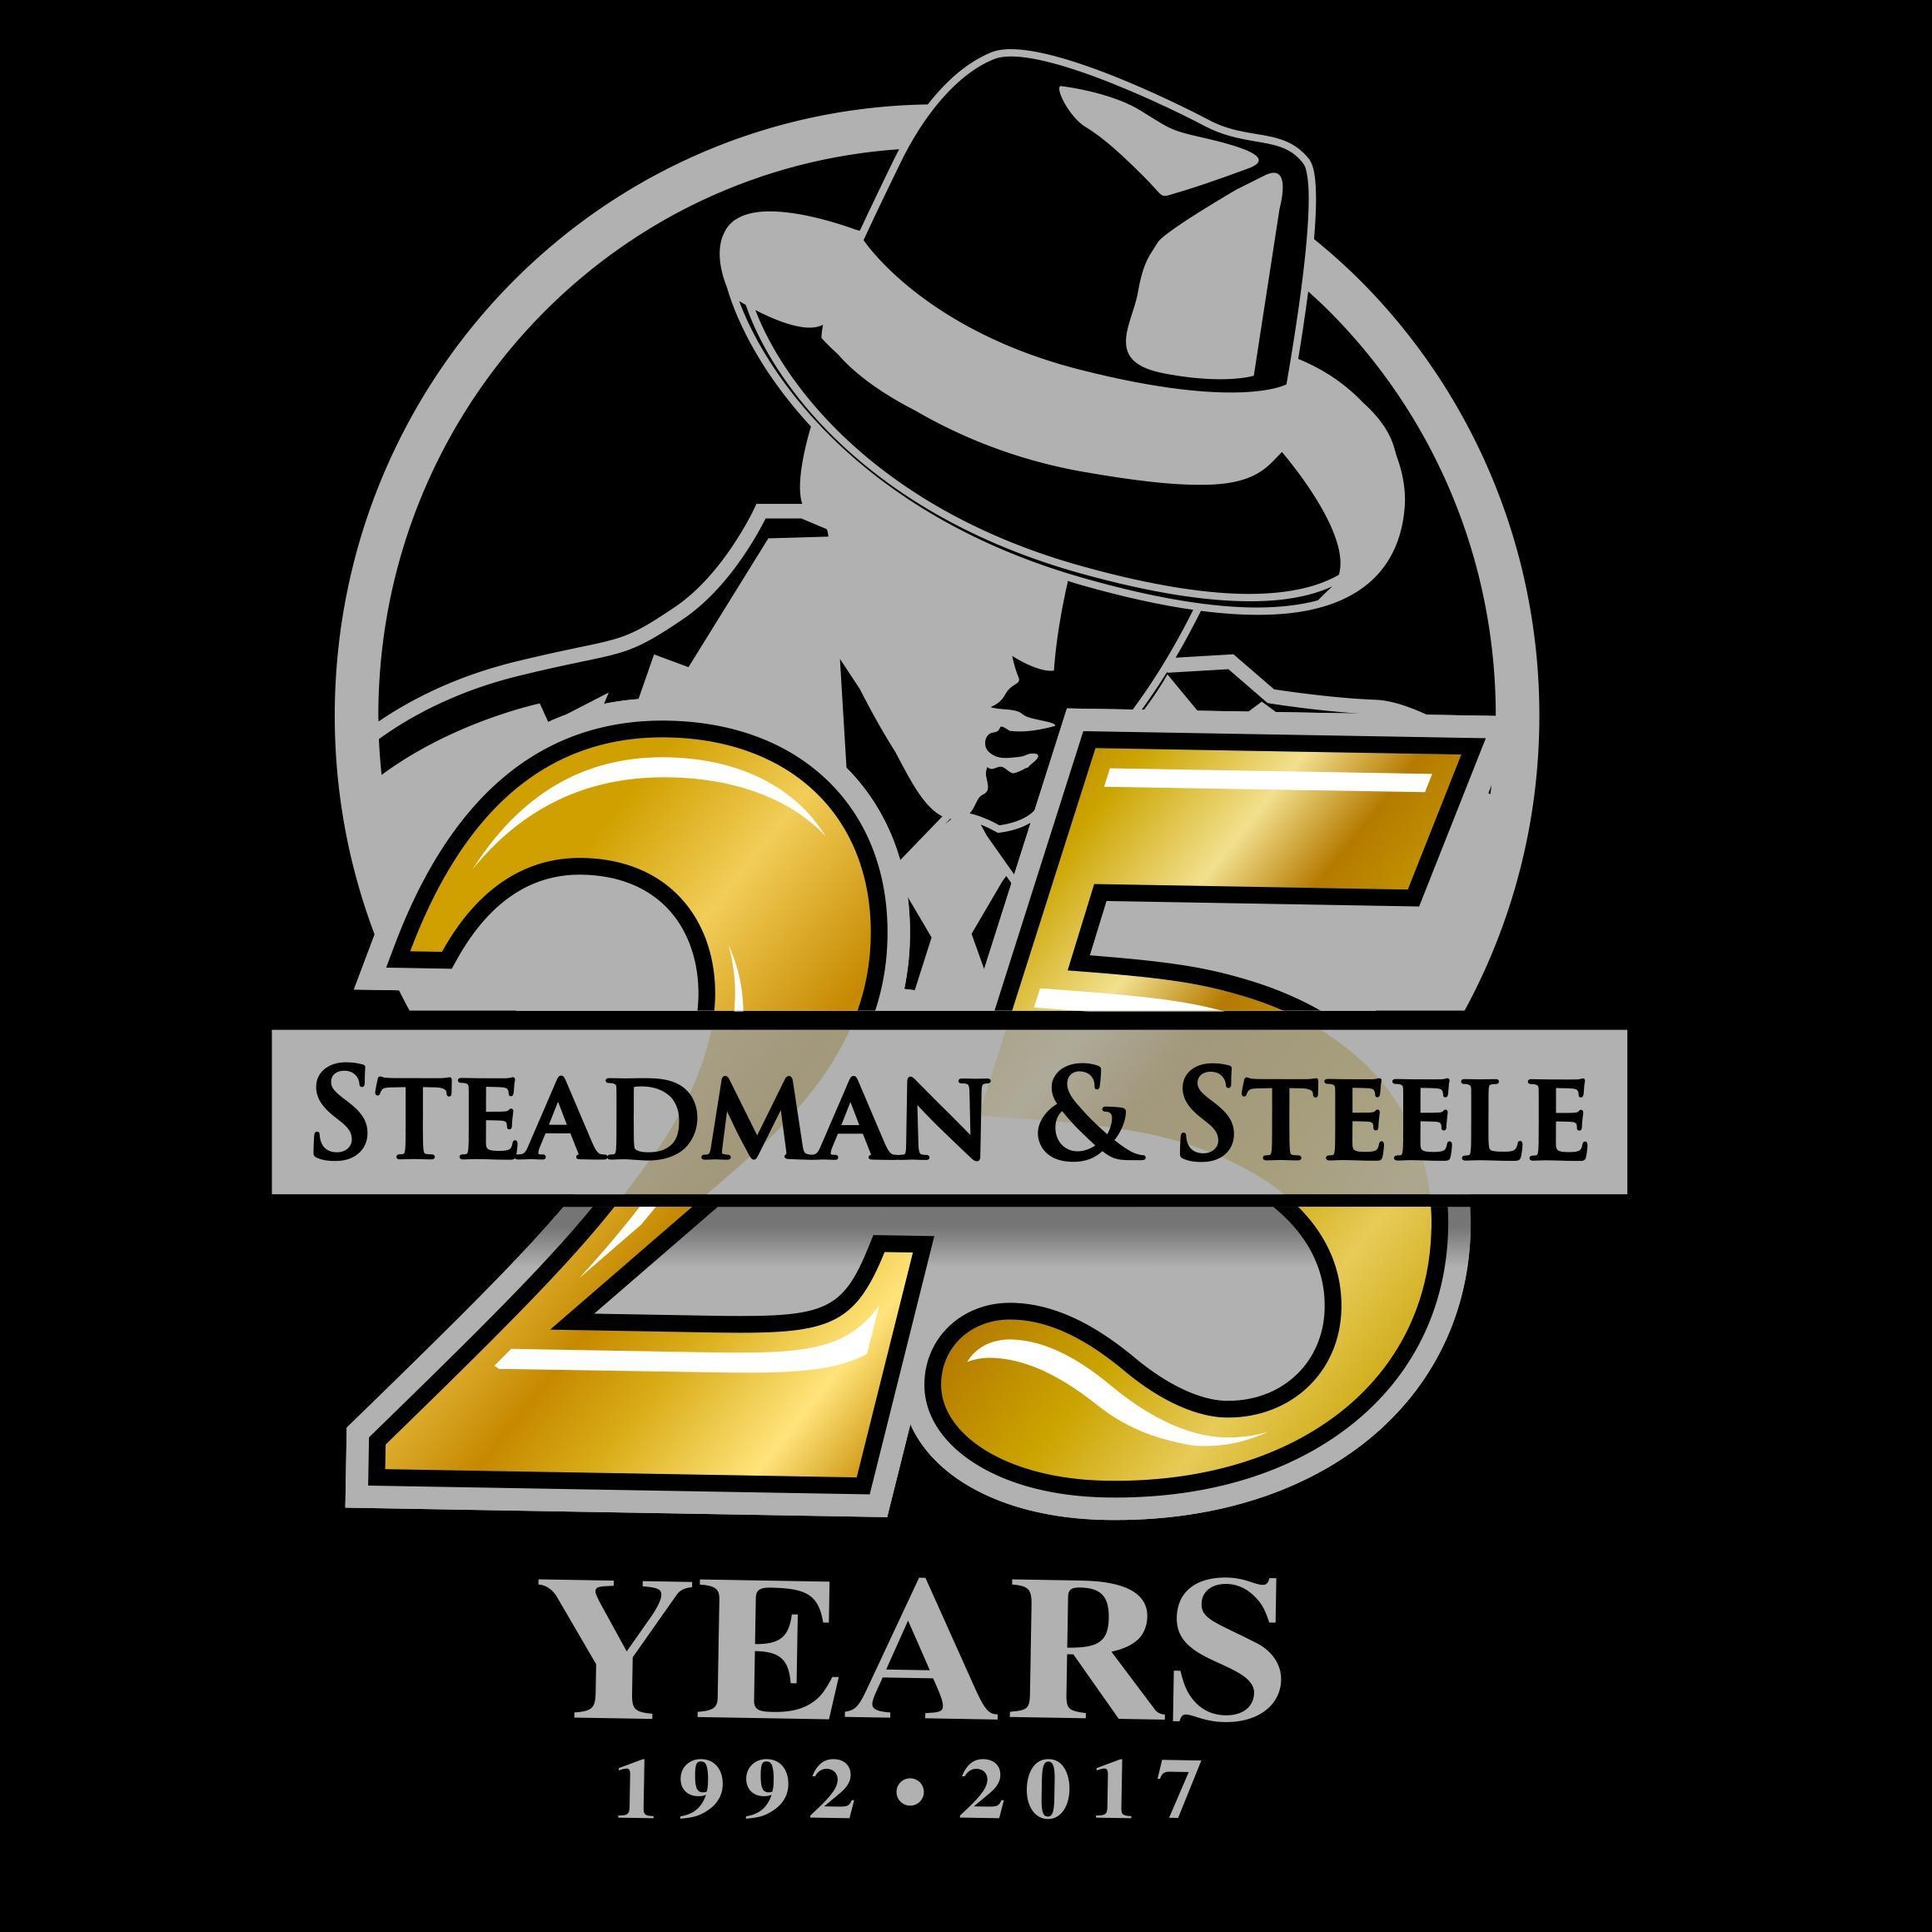 Steadman & Steele